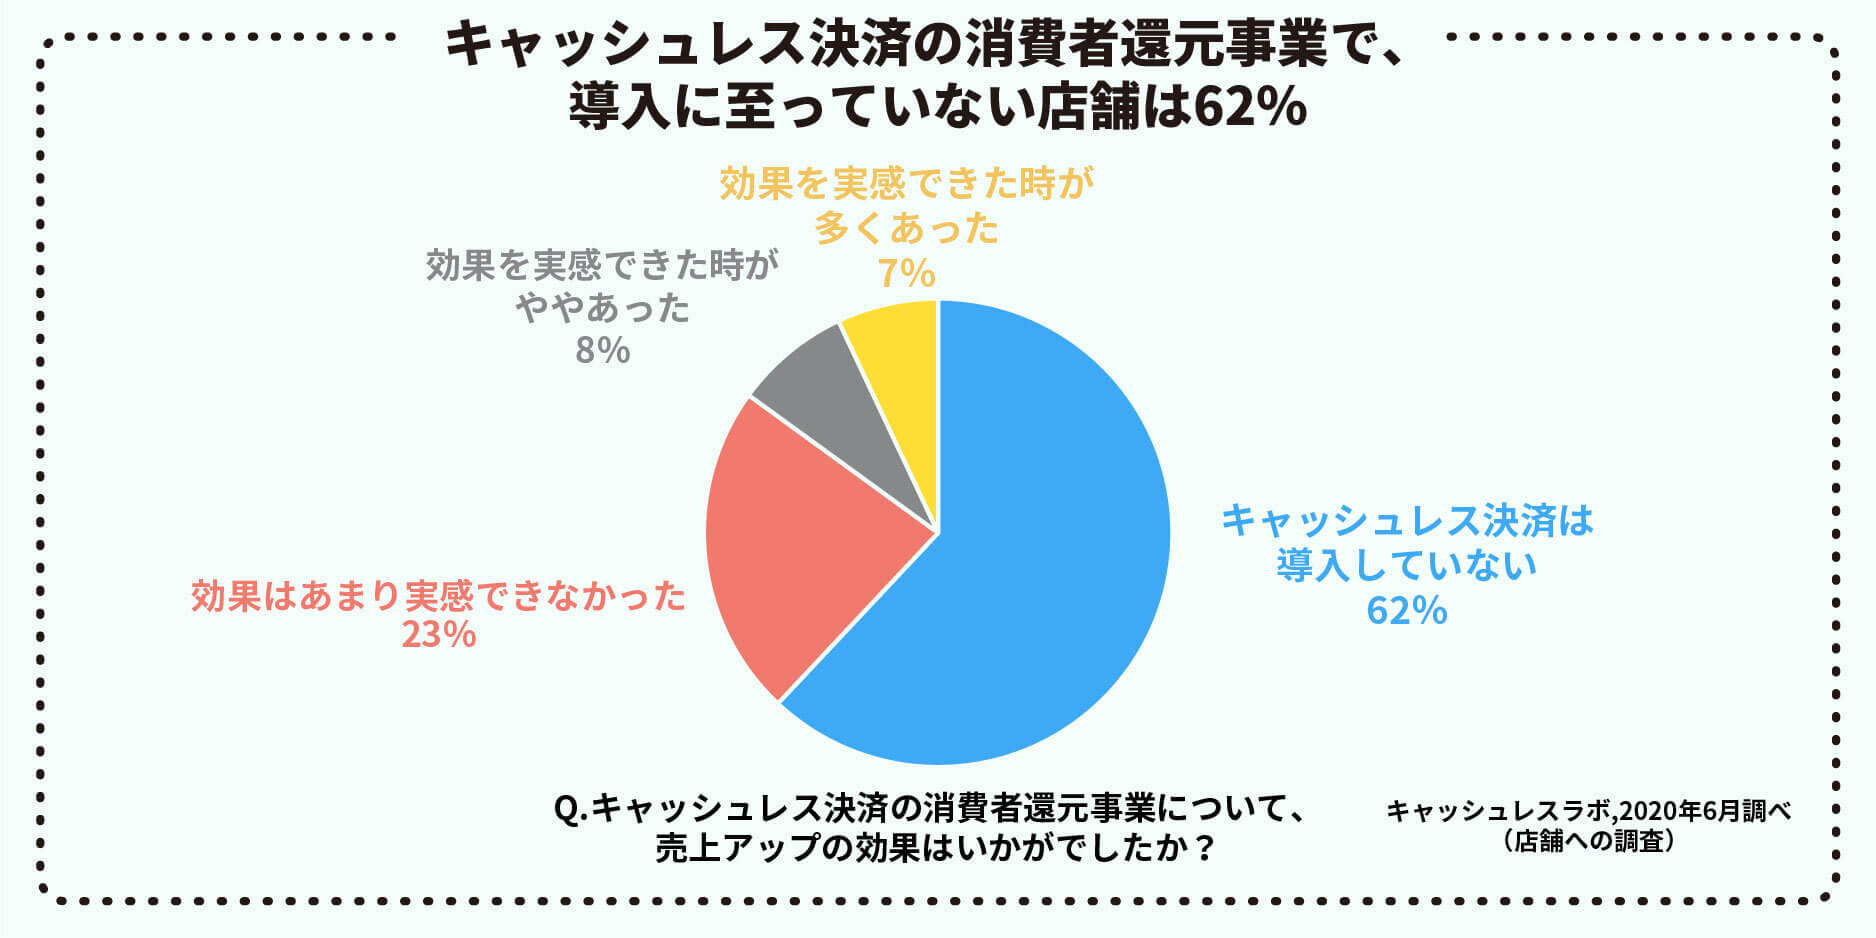 【コロナ禍のキャッシュレス事情調査】キャッシュレス決済未導入の店舗のうち、4割は手数料負担を懸念